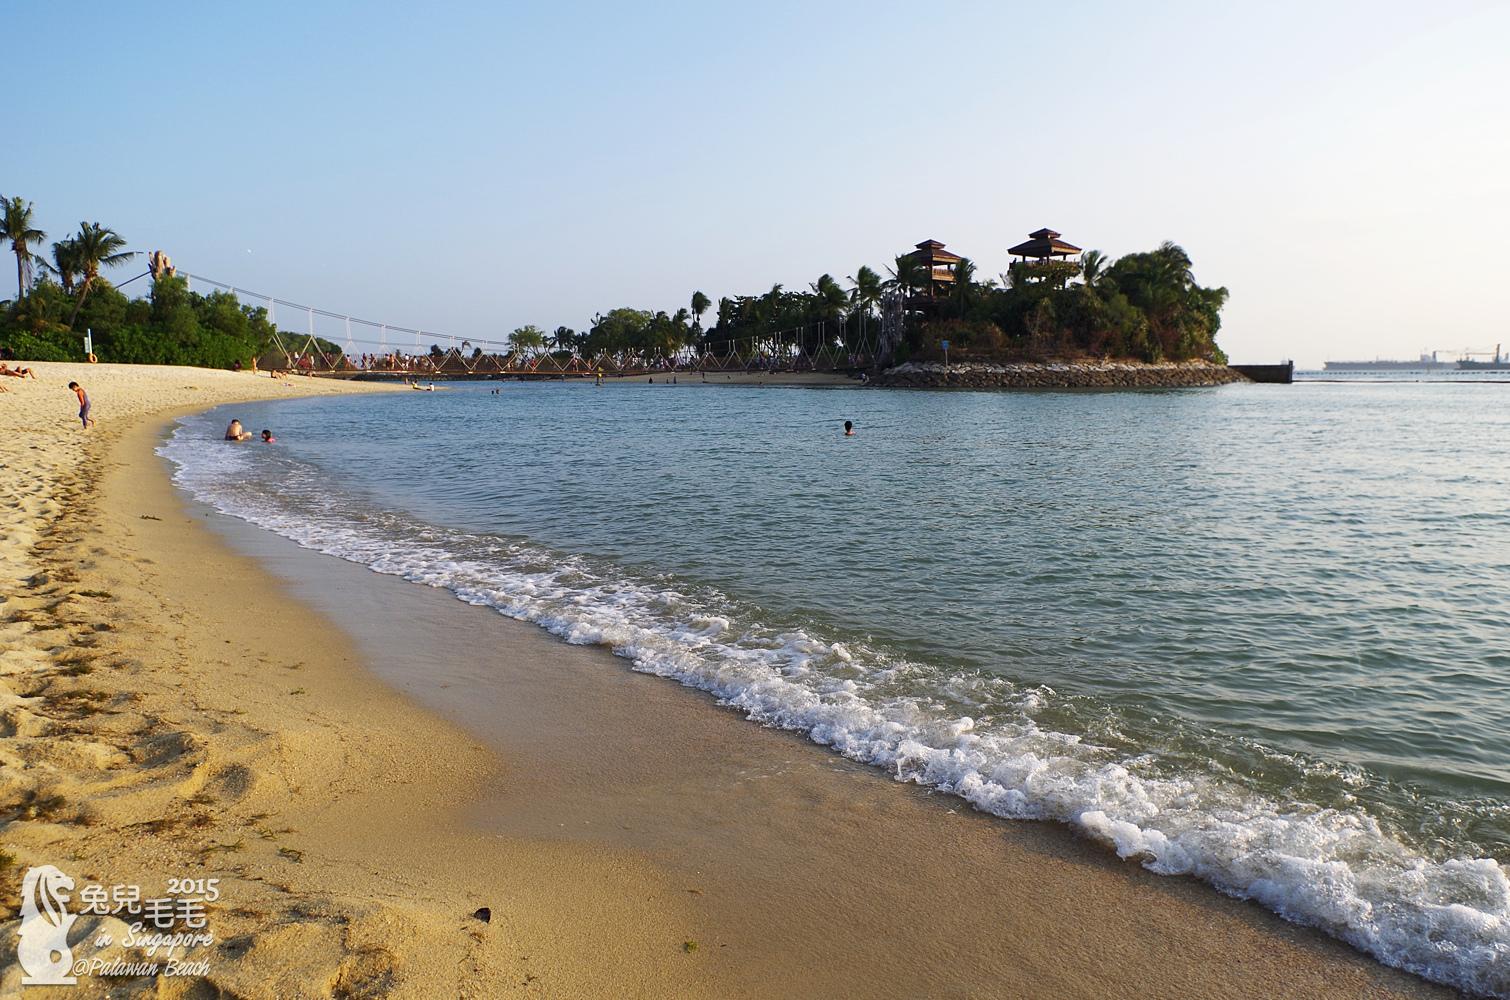 0215-palawan beach-11.jpg